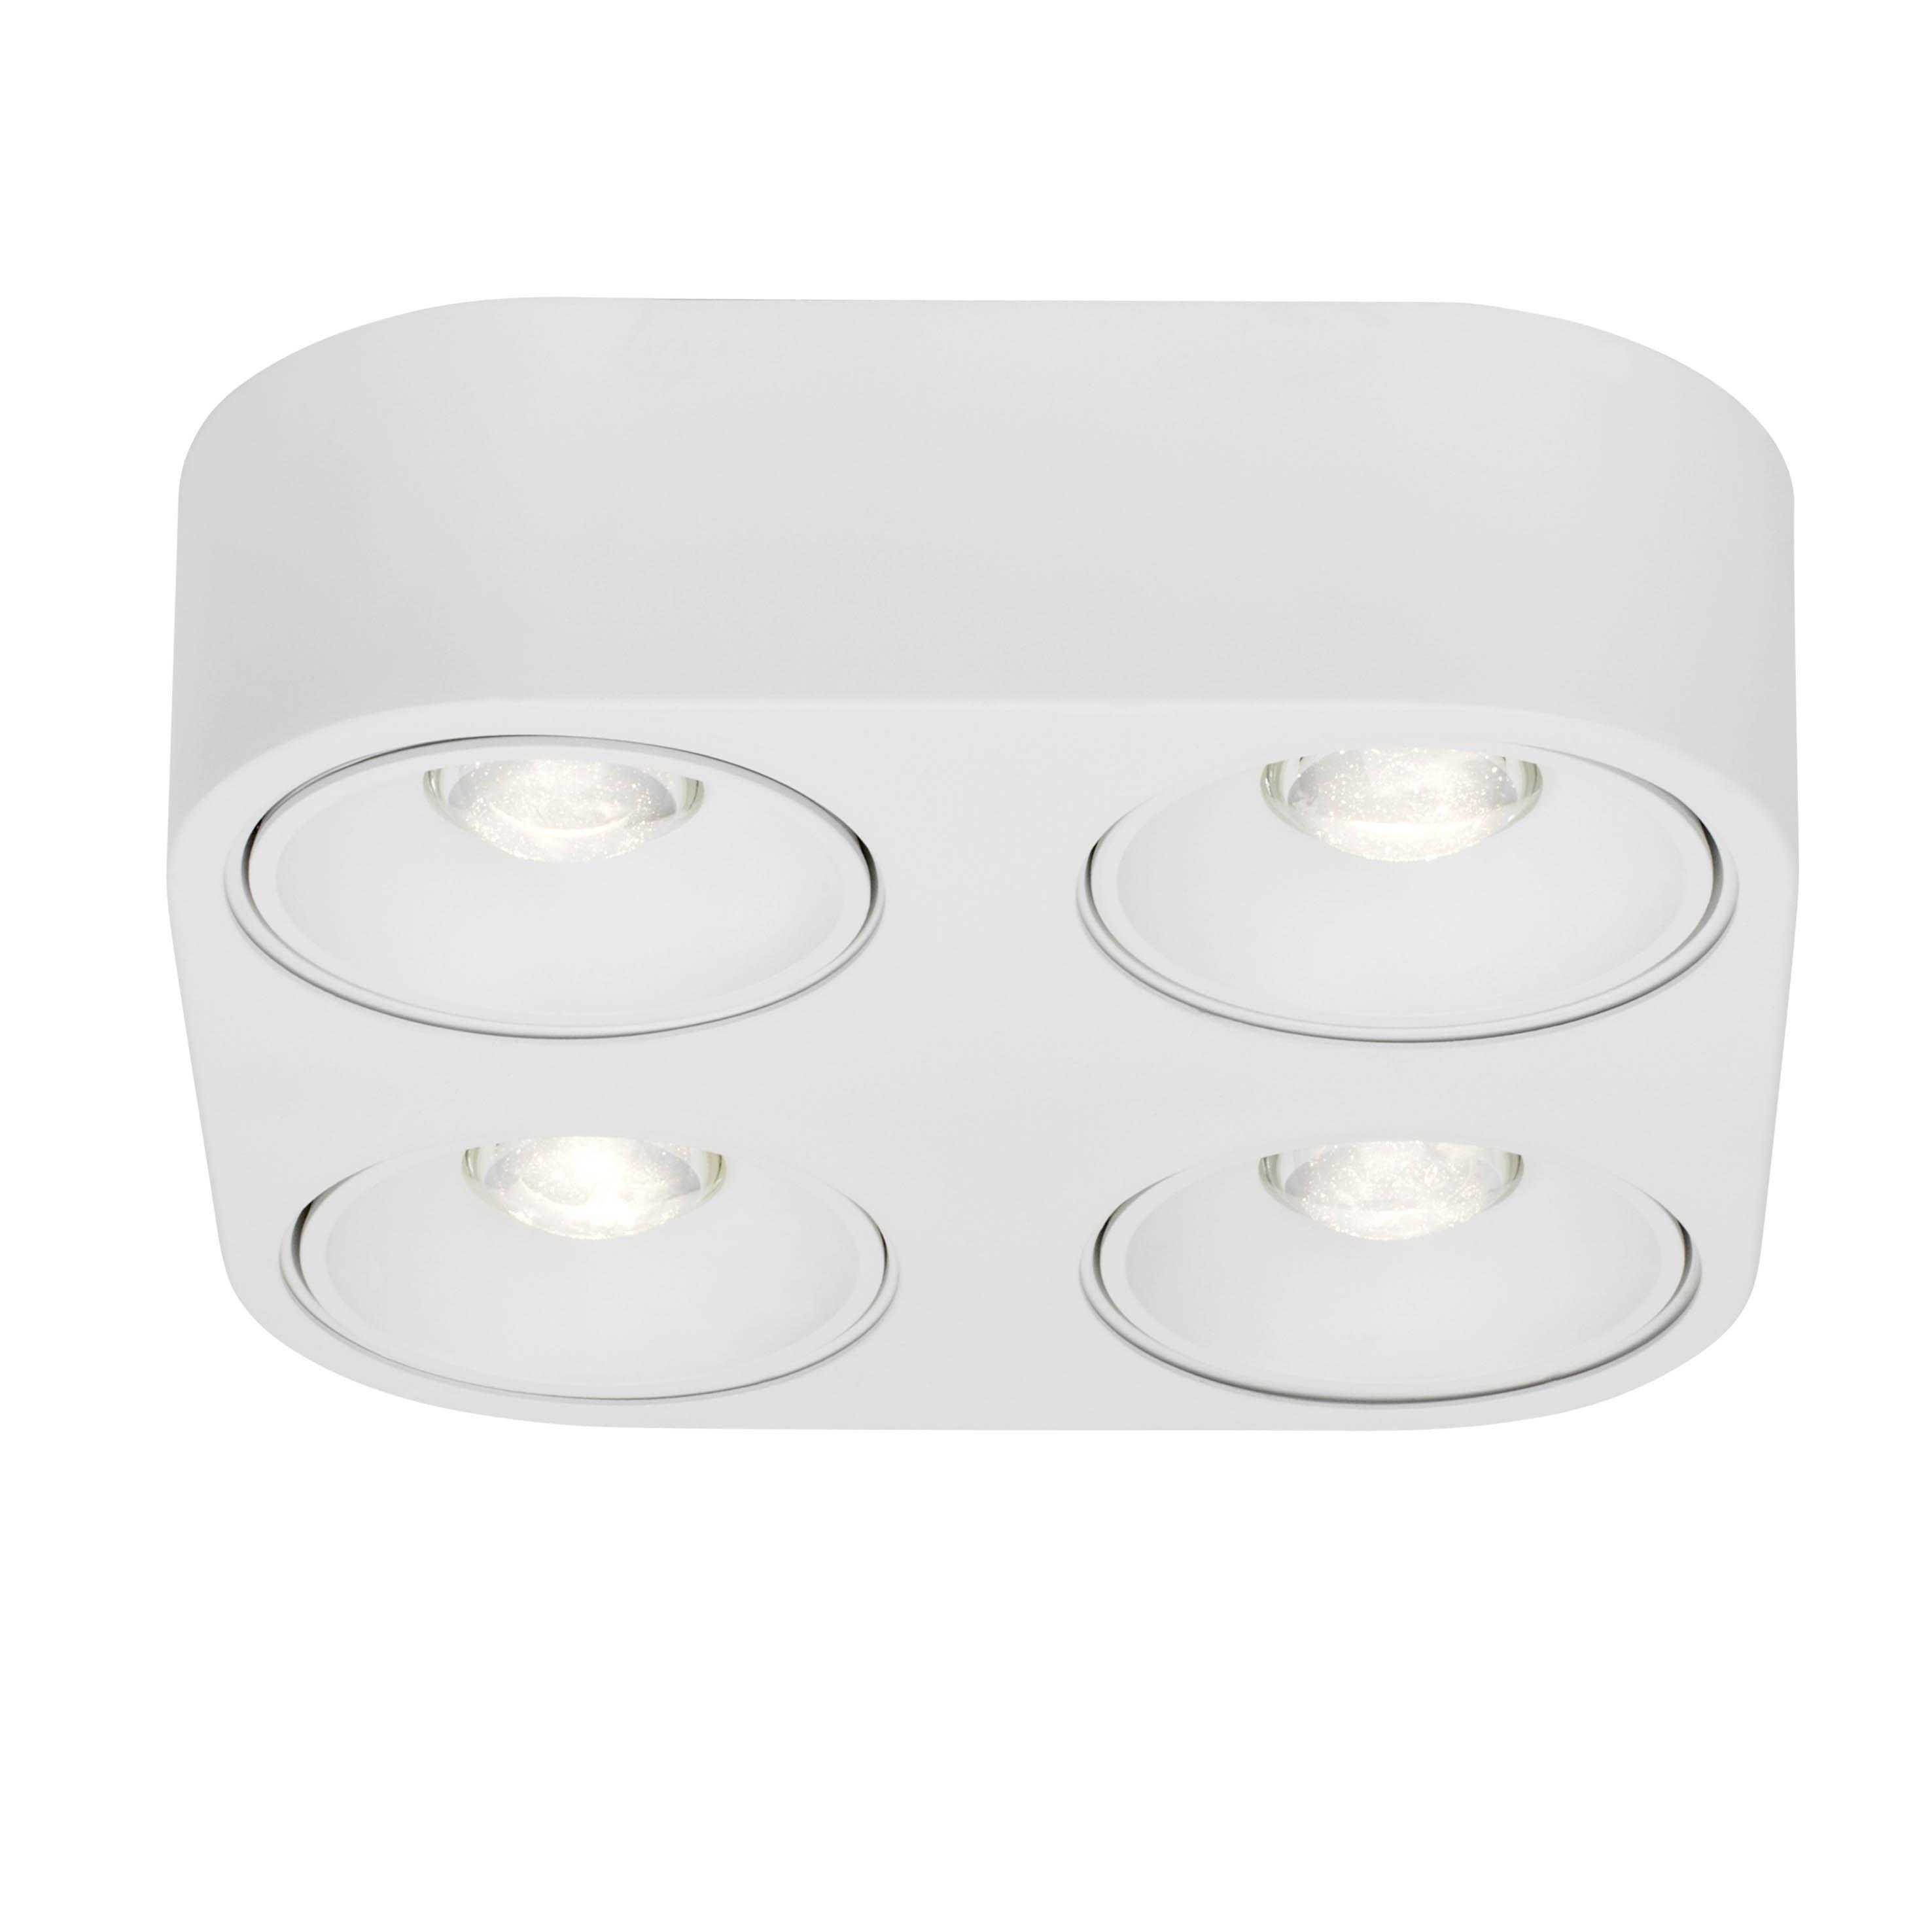 AEG Leca LED Wand- und Deckenleuchte 4flg weiß